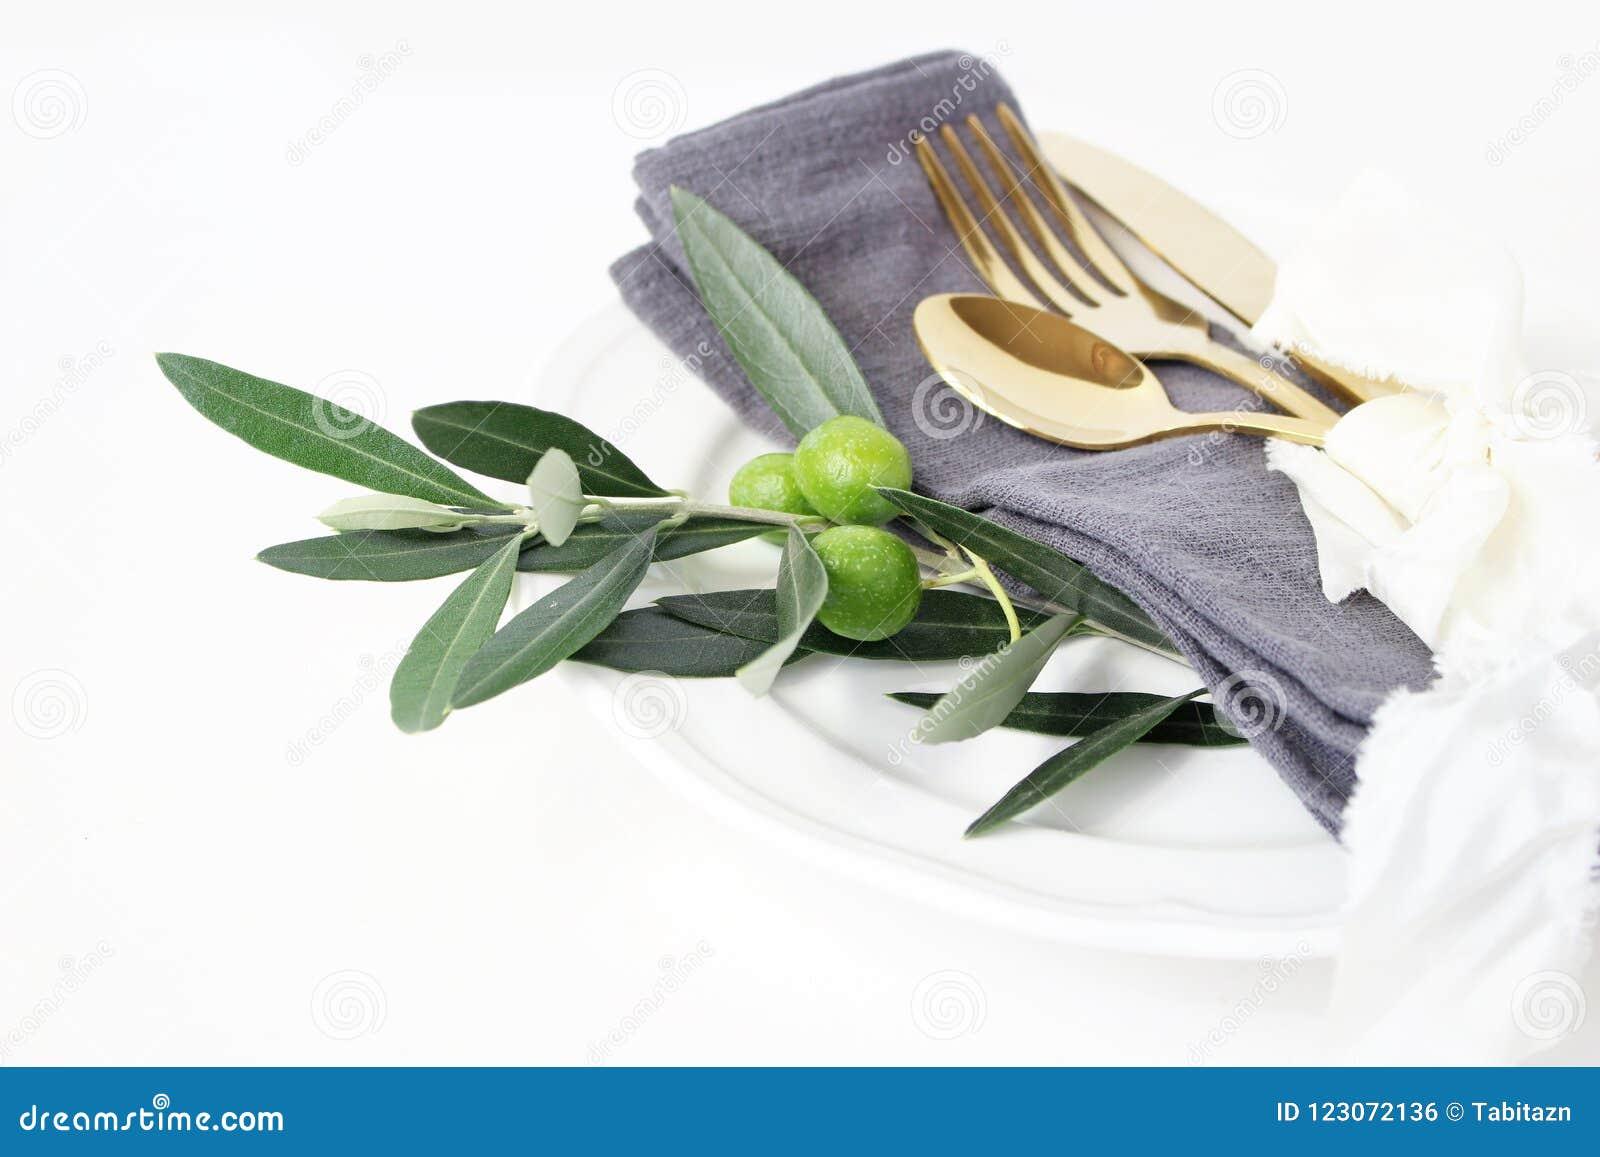 Primer del ajuste festivo del verano de la tabla con los cubiertos de oro, rama de olivo, servilleta de lino gris, placa de cena